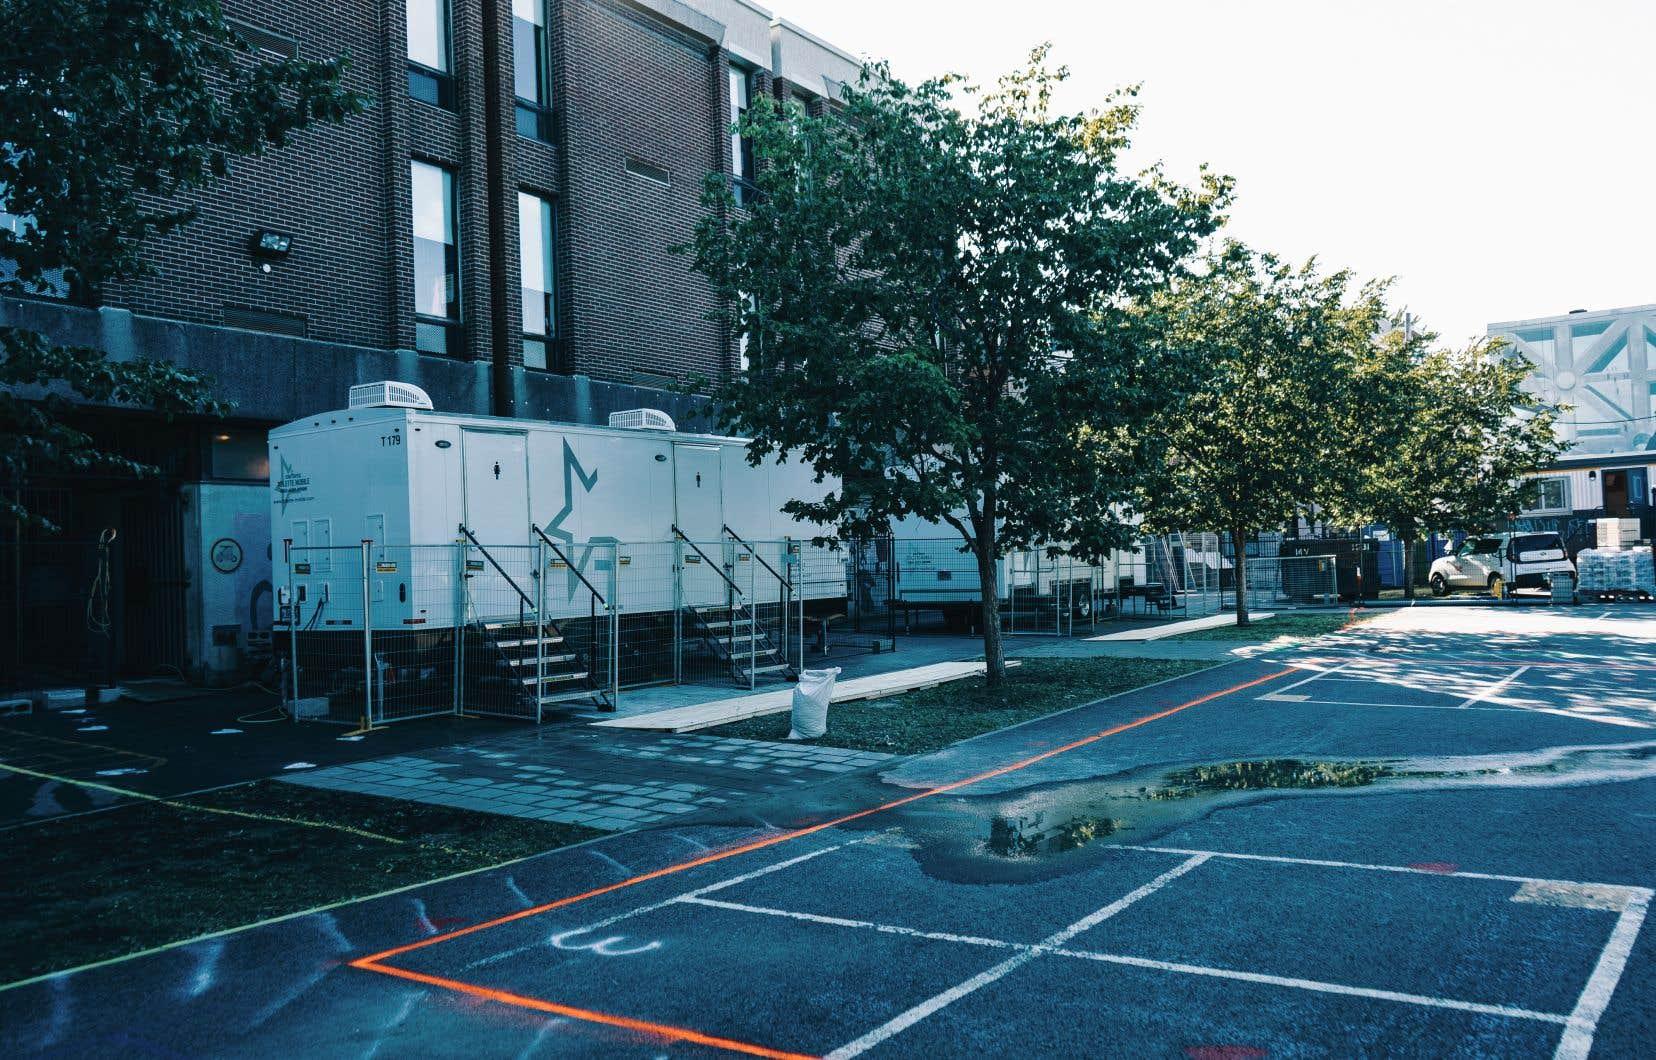 Pour pallier l'absence de ses toilettes en rénovation, l'école Laurier a amputé une partie de sa cour de récréation pour y installer deux roulottes de toilettes mobiles, une solution déplorée par certains parents d'élèves.